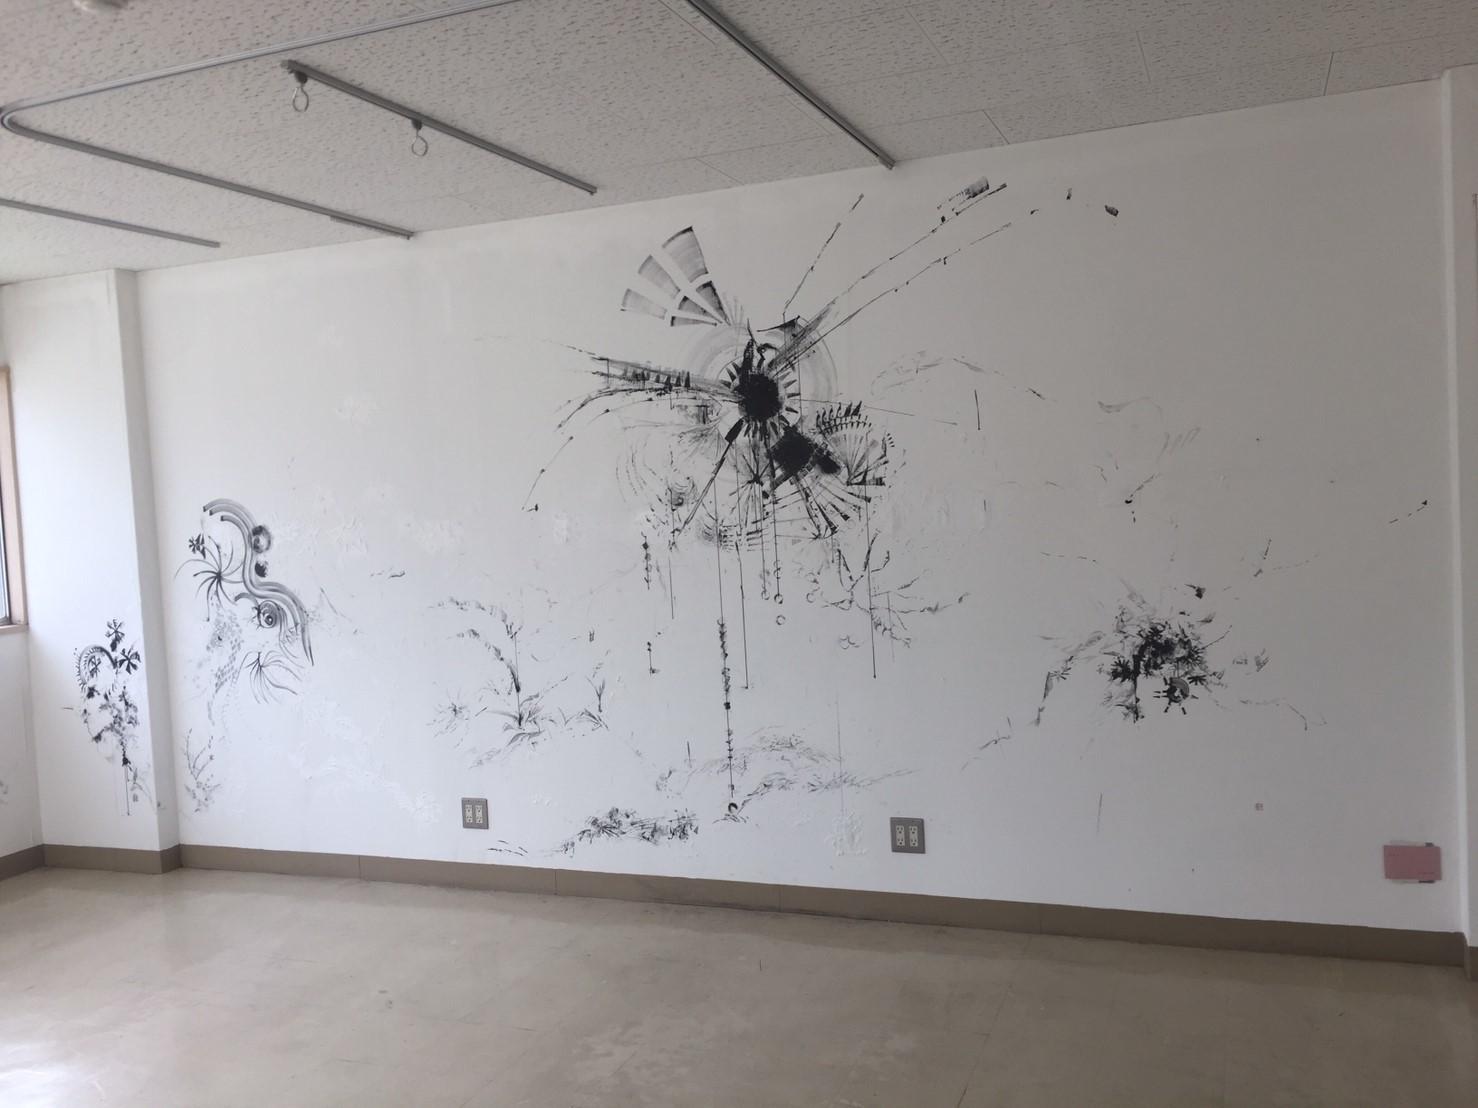 岩美現代美術展 2019_e0115904_01475899.jpg